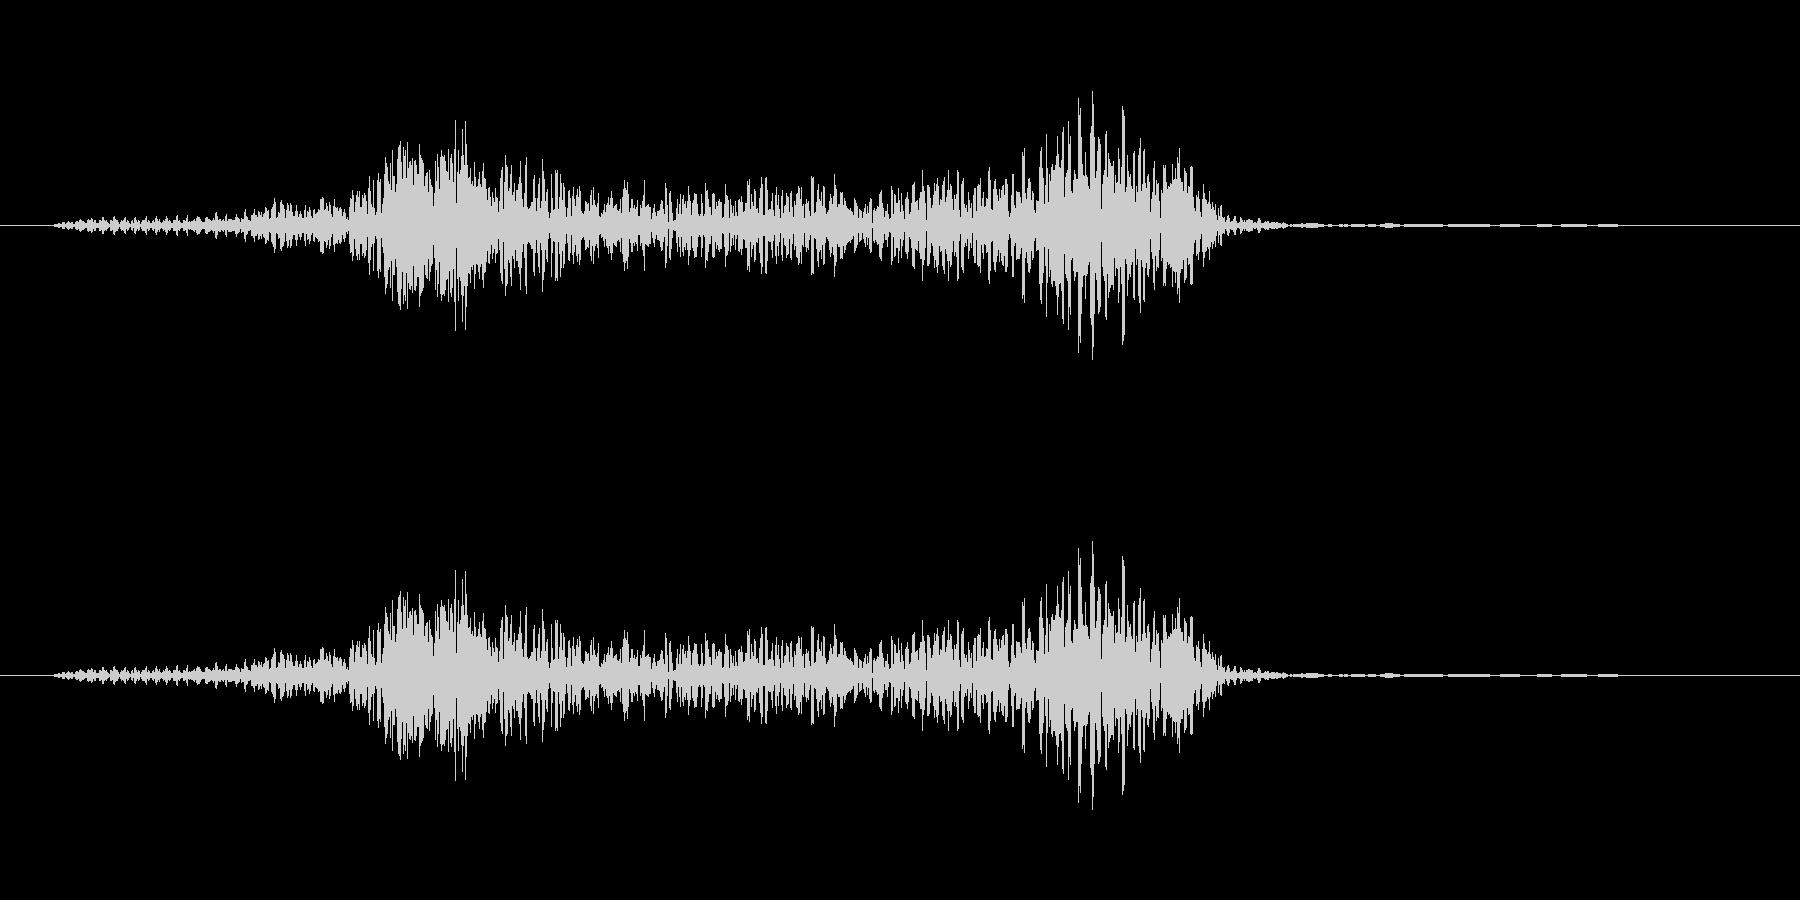 「よーっ」 (歌舞伎風)の未再生の波形